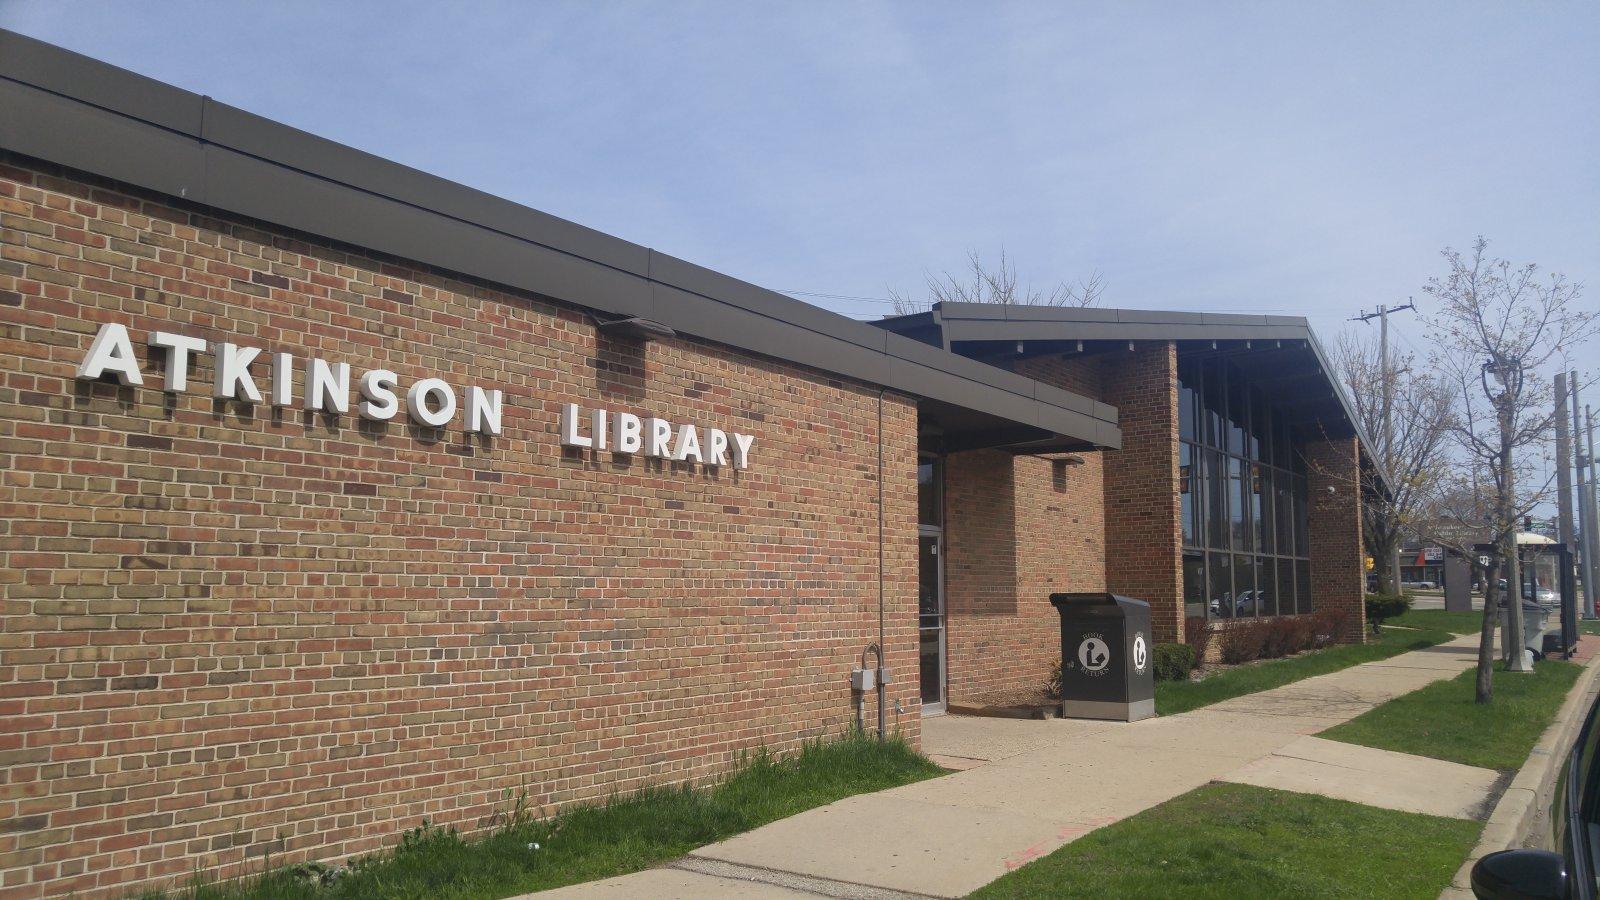 Atkinson Library